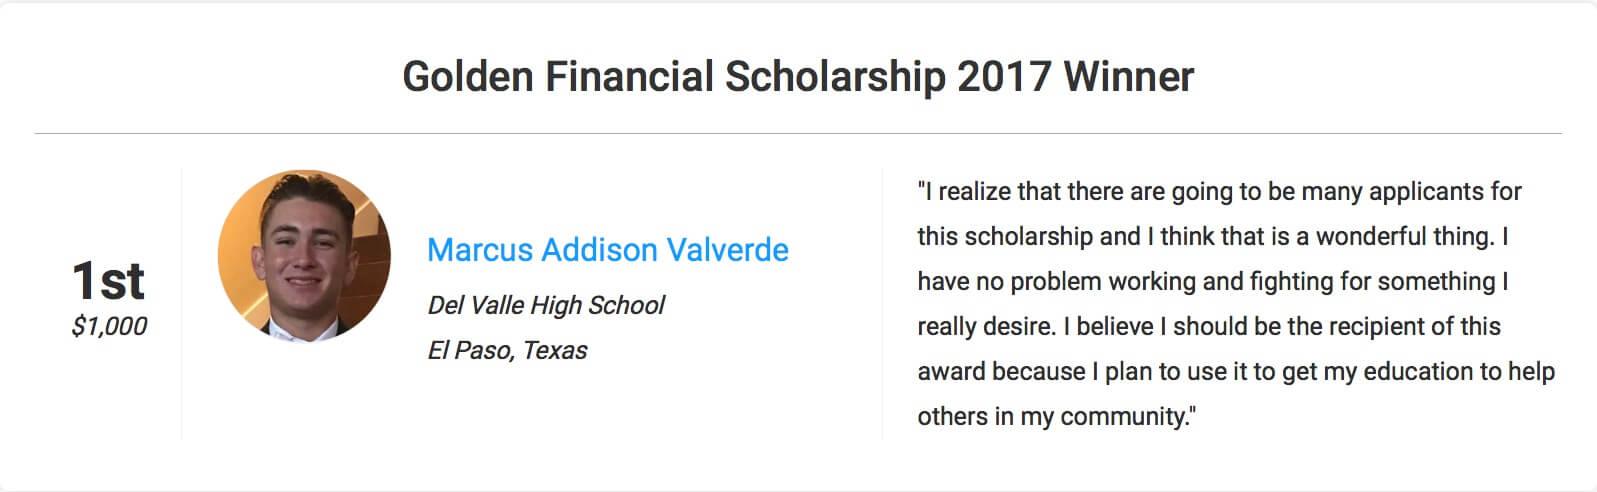 Scholarship Winner for 2017 at GoldenFS.org